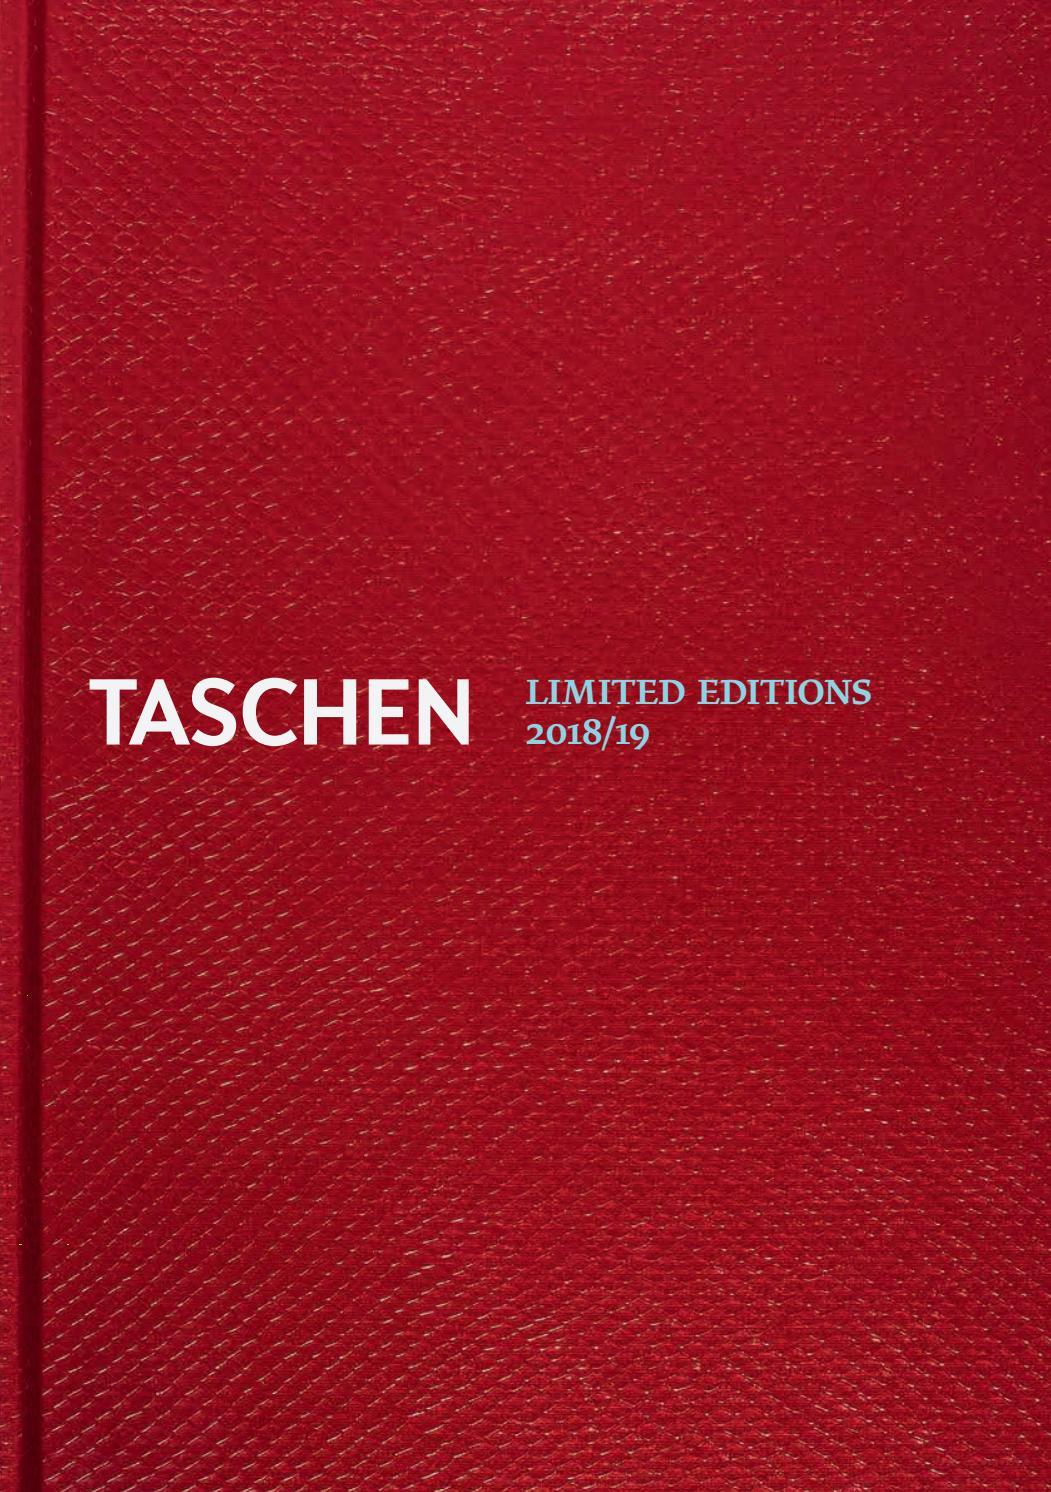 Allen King Cookboy Vidos Porno taschen limited editions 2018/19taschen - issuu